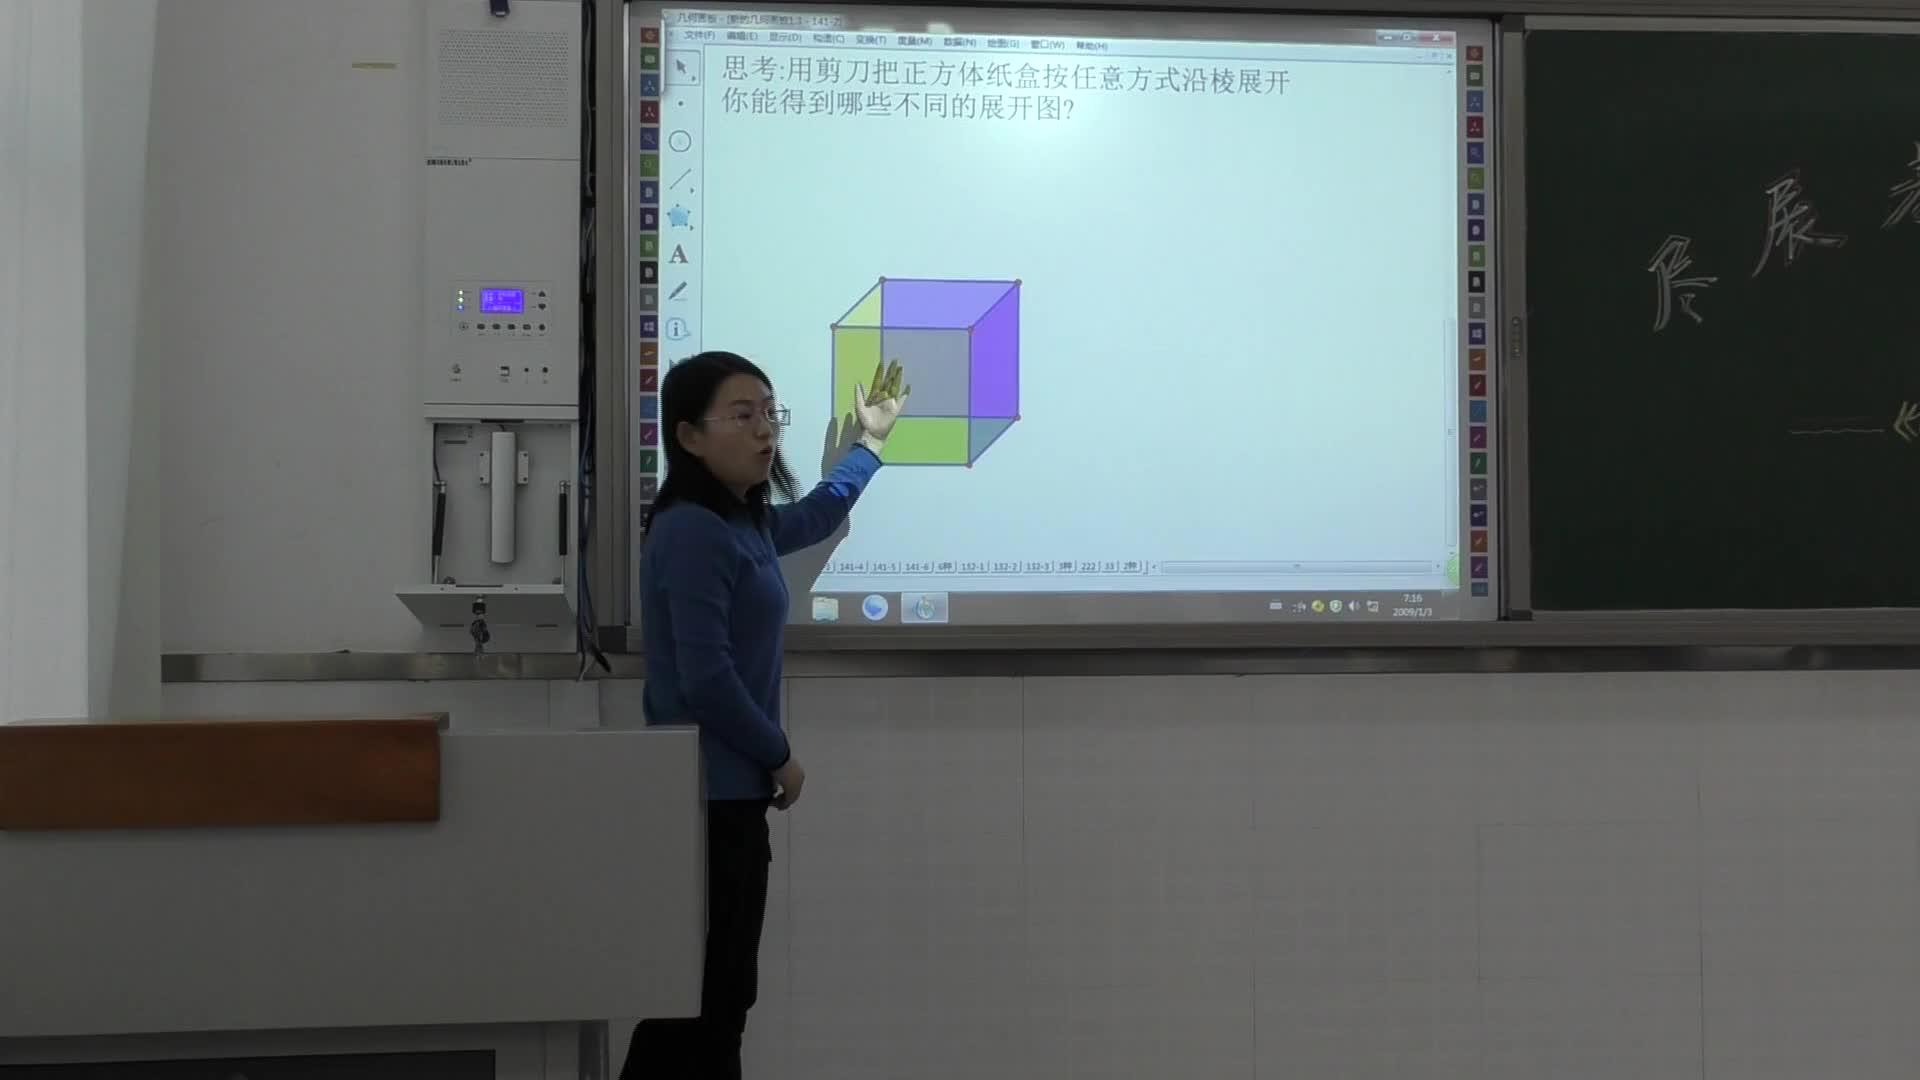 人教版 七年级数学上册 正方体的11种展开图-视频说课